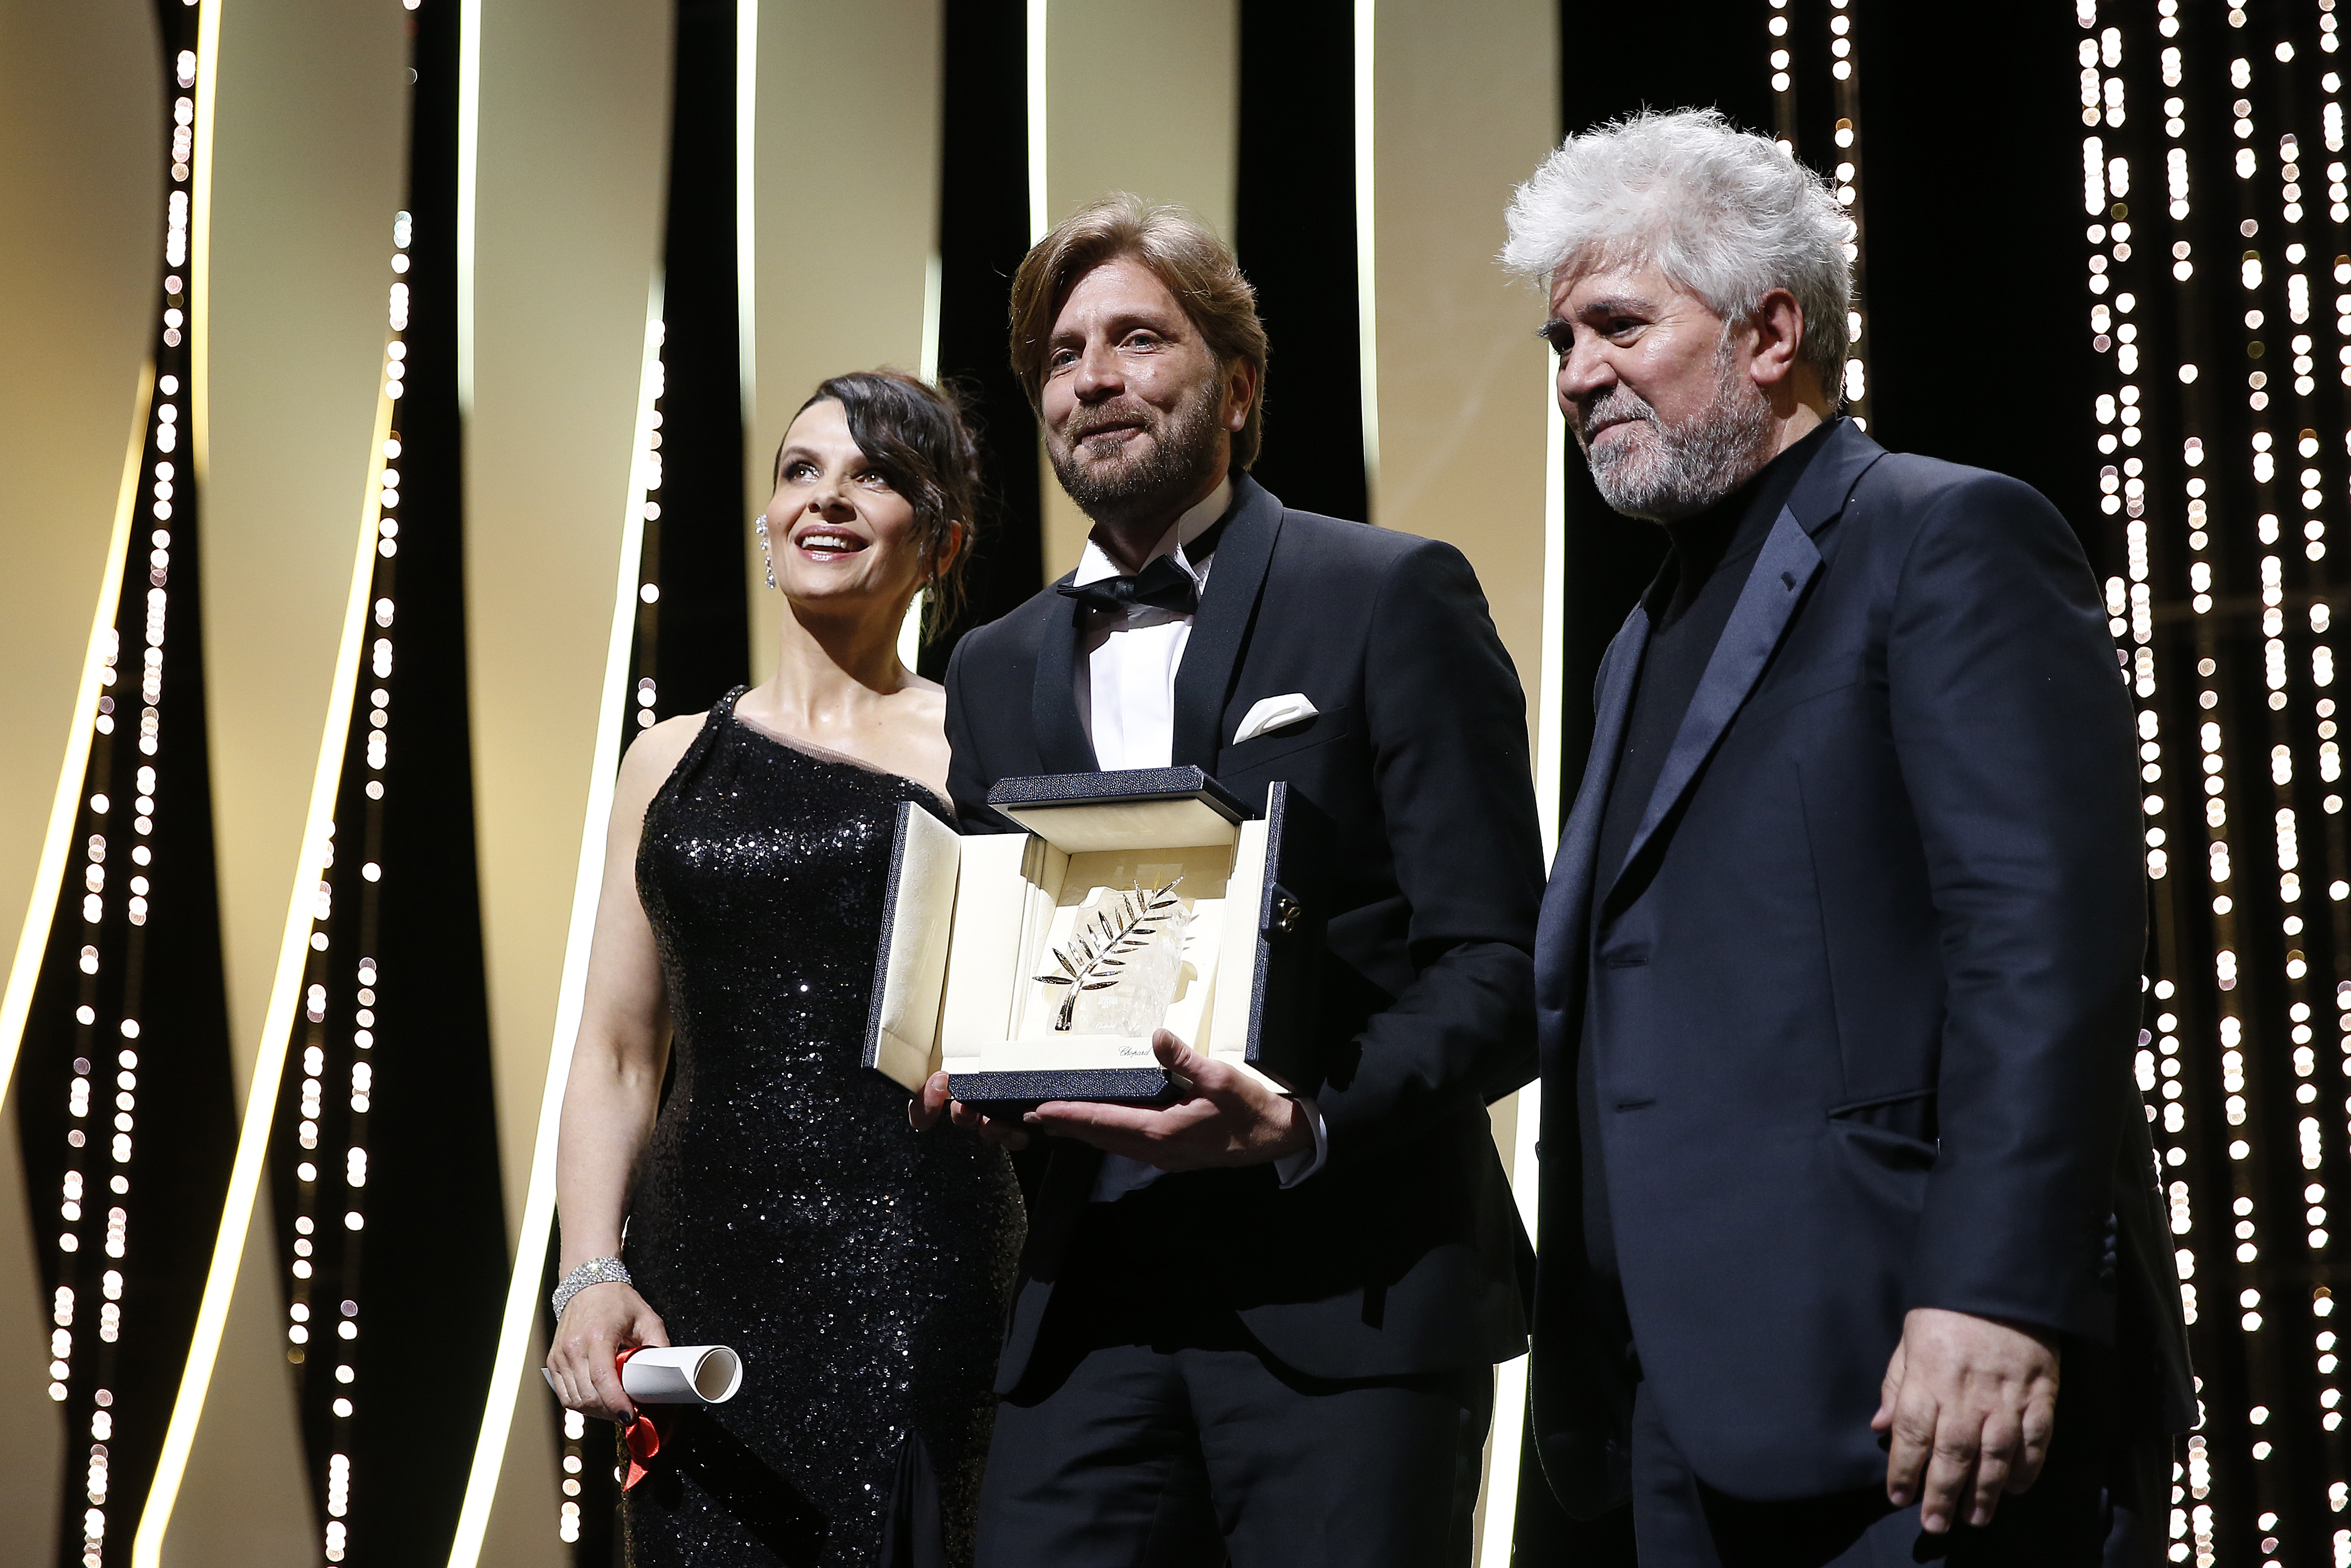 Медведев поздравил Звягинцева сполучением приза жюри Каннского кинофестиваля